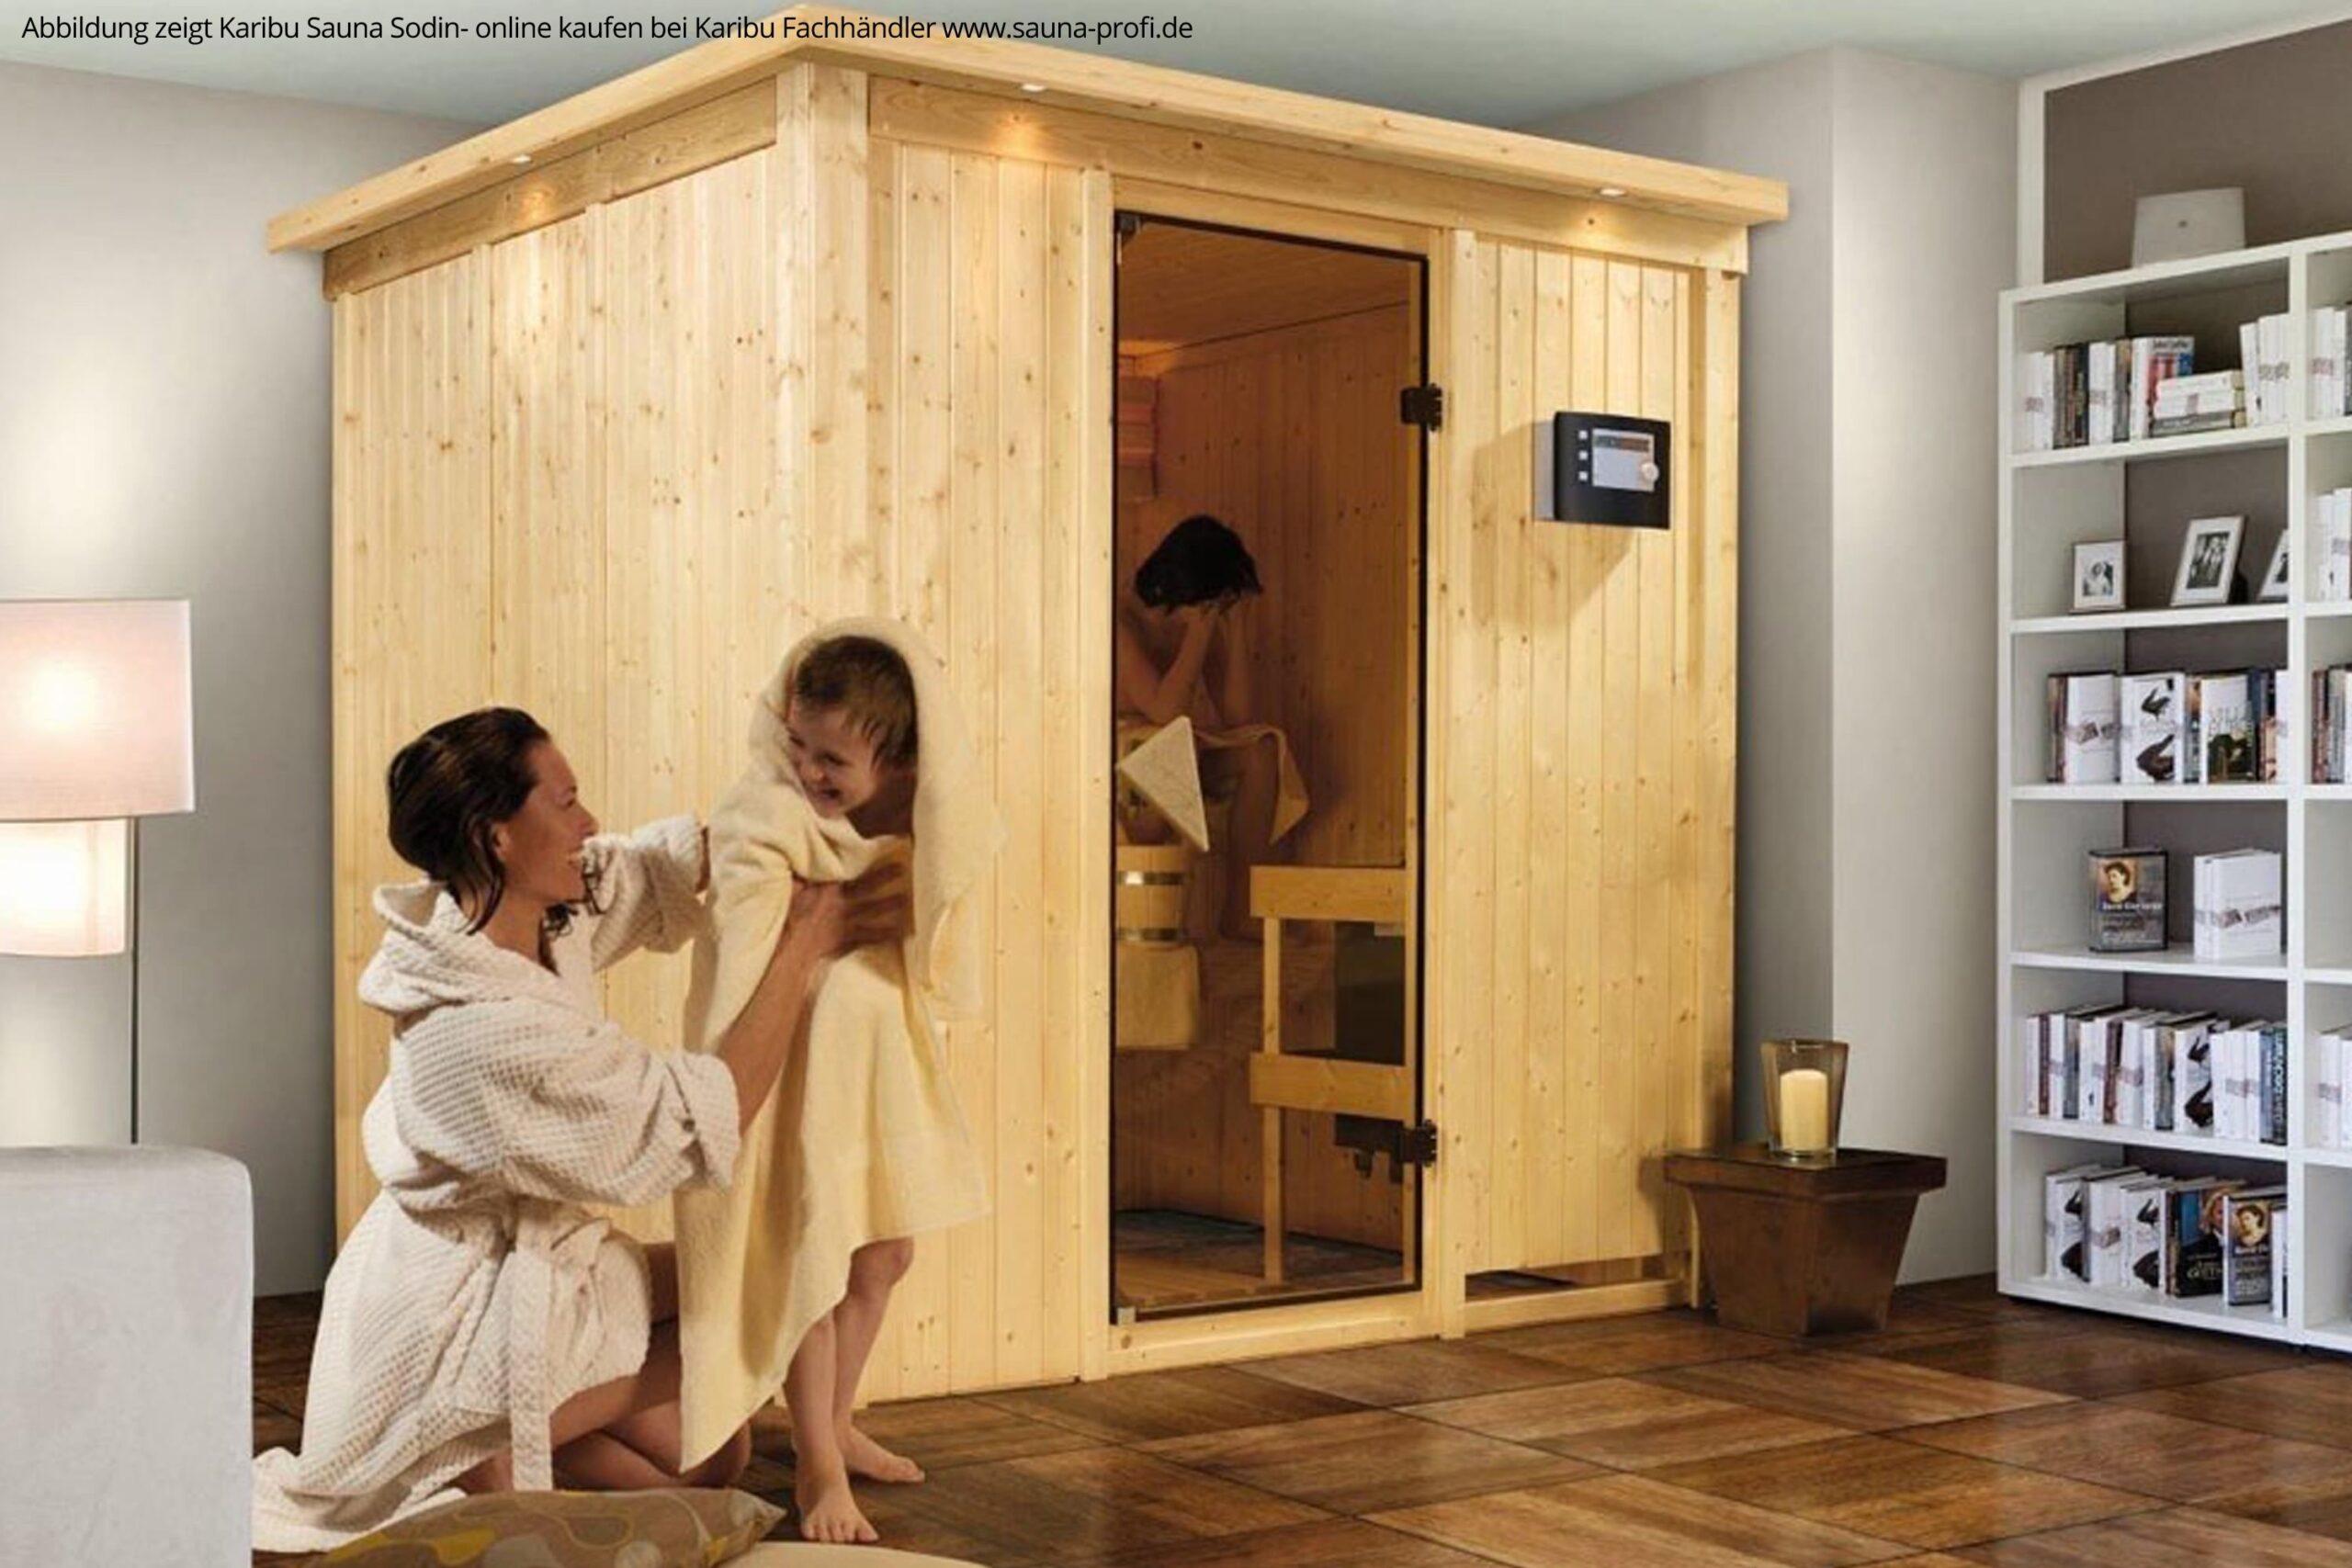 Full Size of Sauna Kaufen Mit 230 Volt Anschluss Energiesparend Saunieren Garten Bett Hamburg Sofa Online Günstig Regale Duschen Outdoor Küche Betten 180x200 Esstisch Wohnzimmer Sauna Kaufen